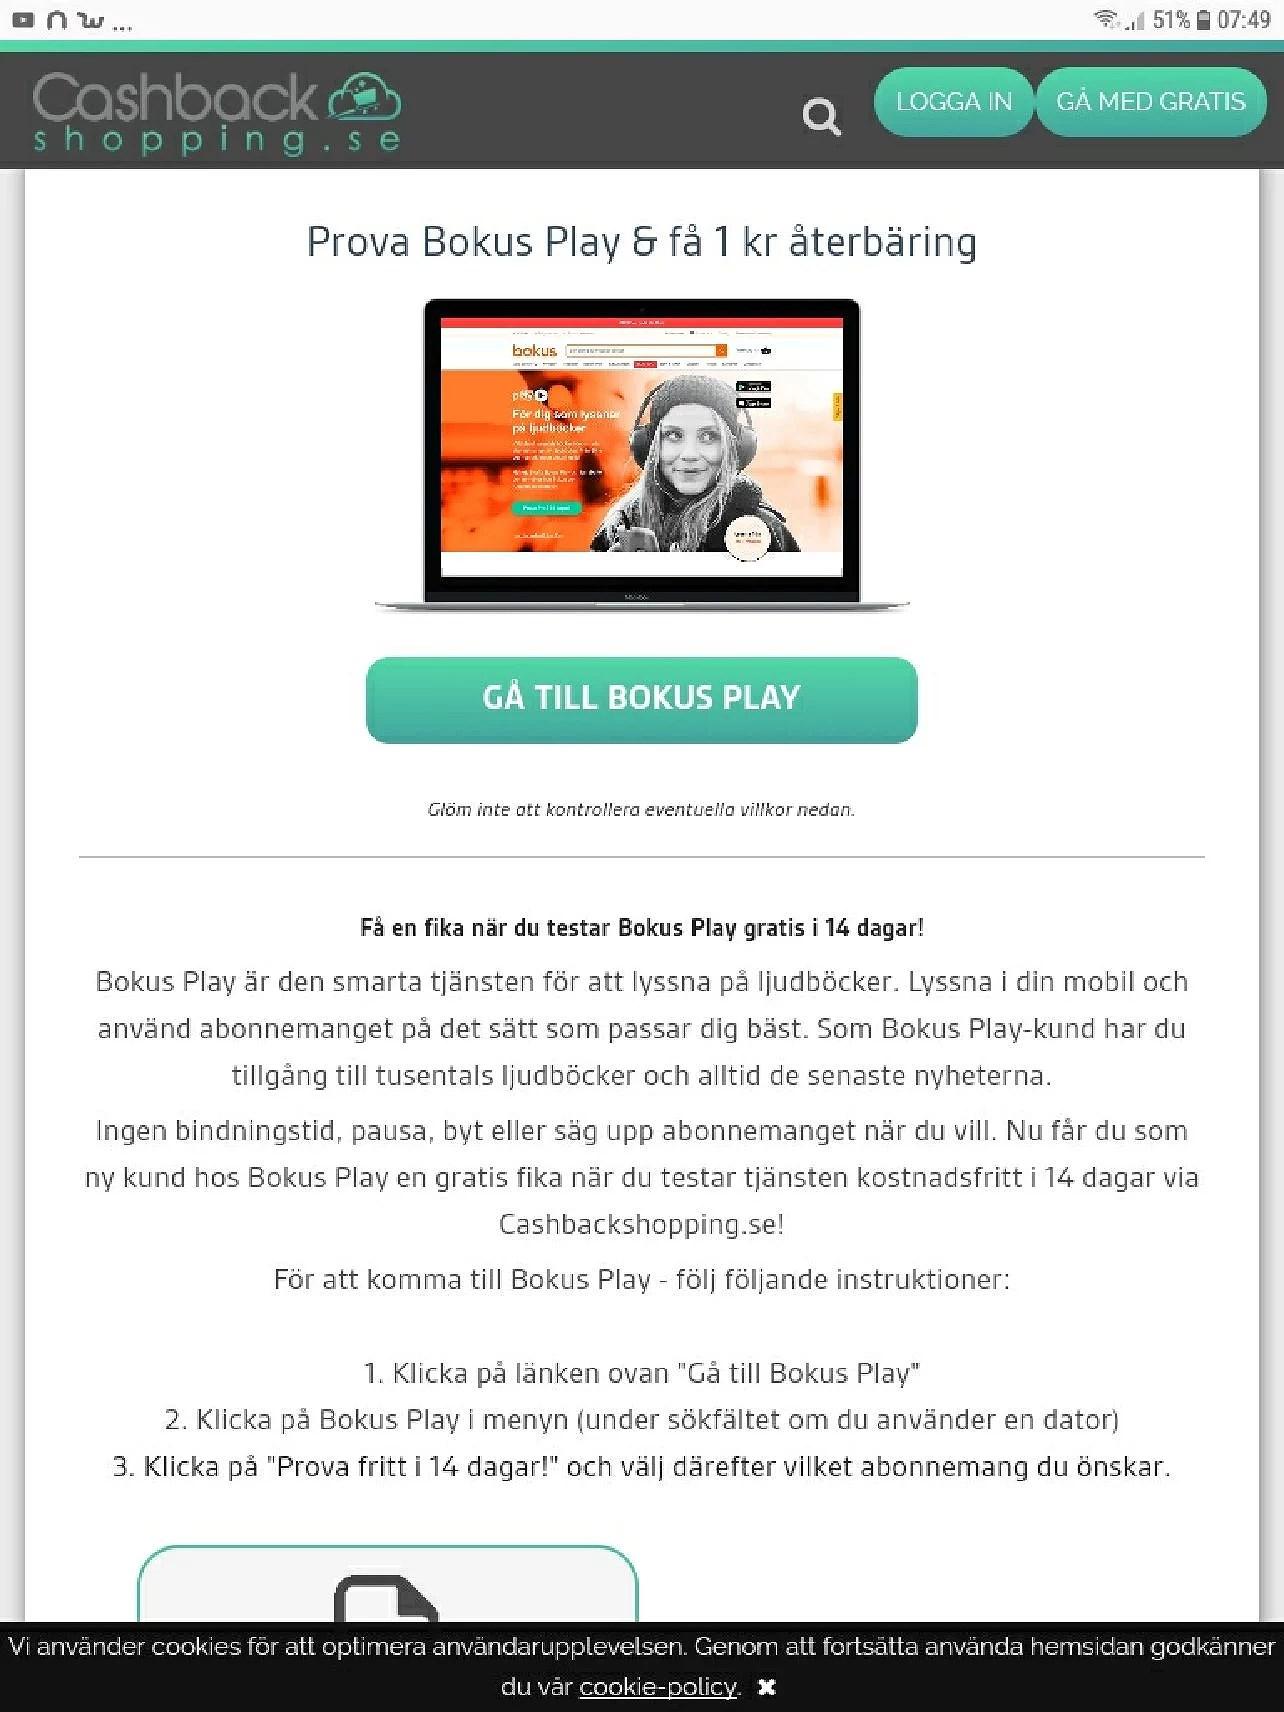 Cashbackshopping.se prova Bokus Play och få 1kr återbäring och gratis fika på Pressbyrån